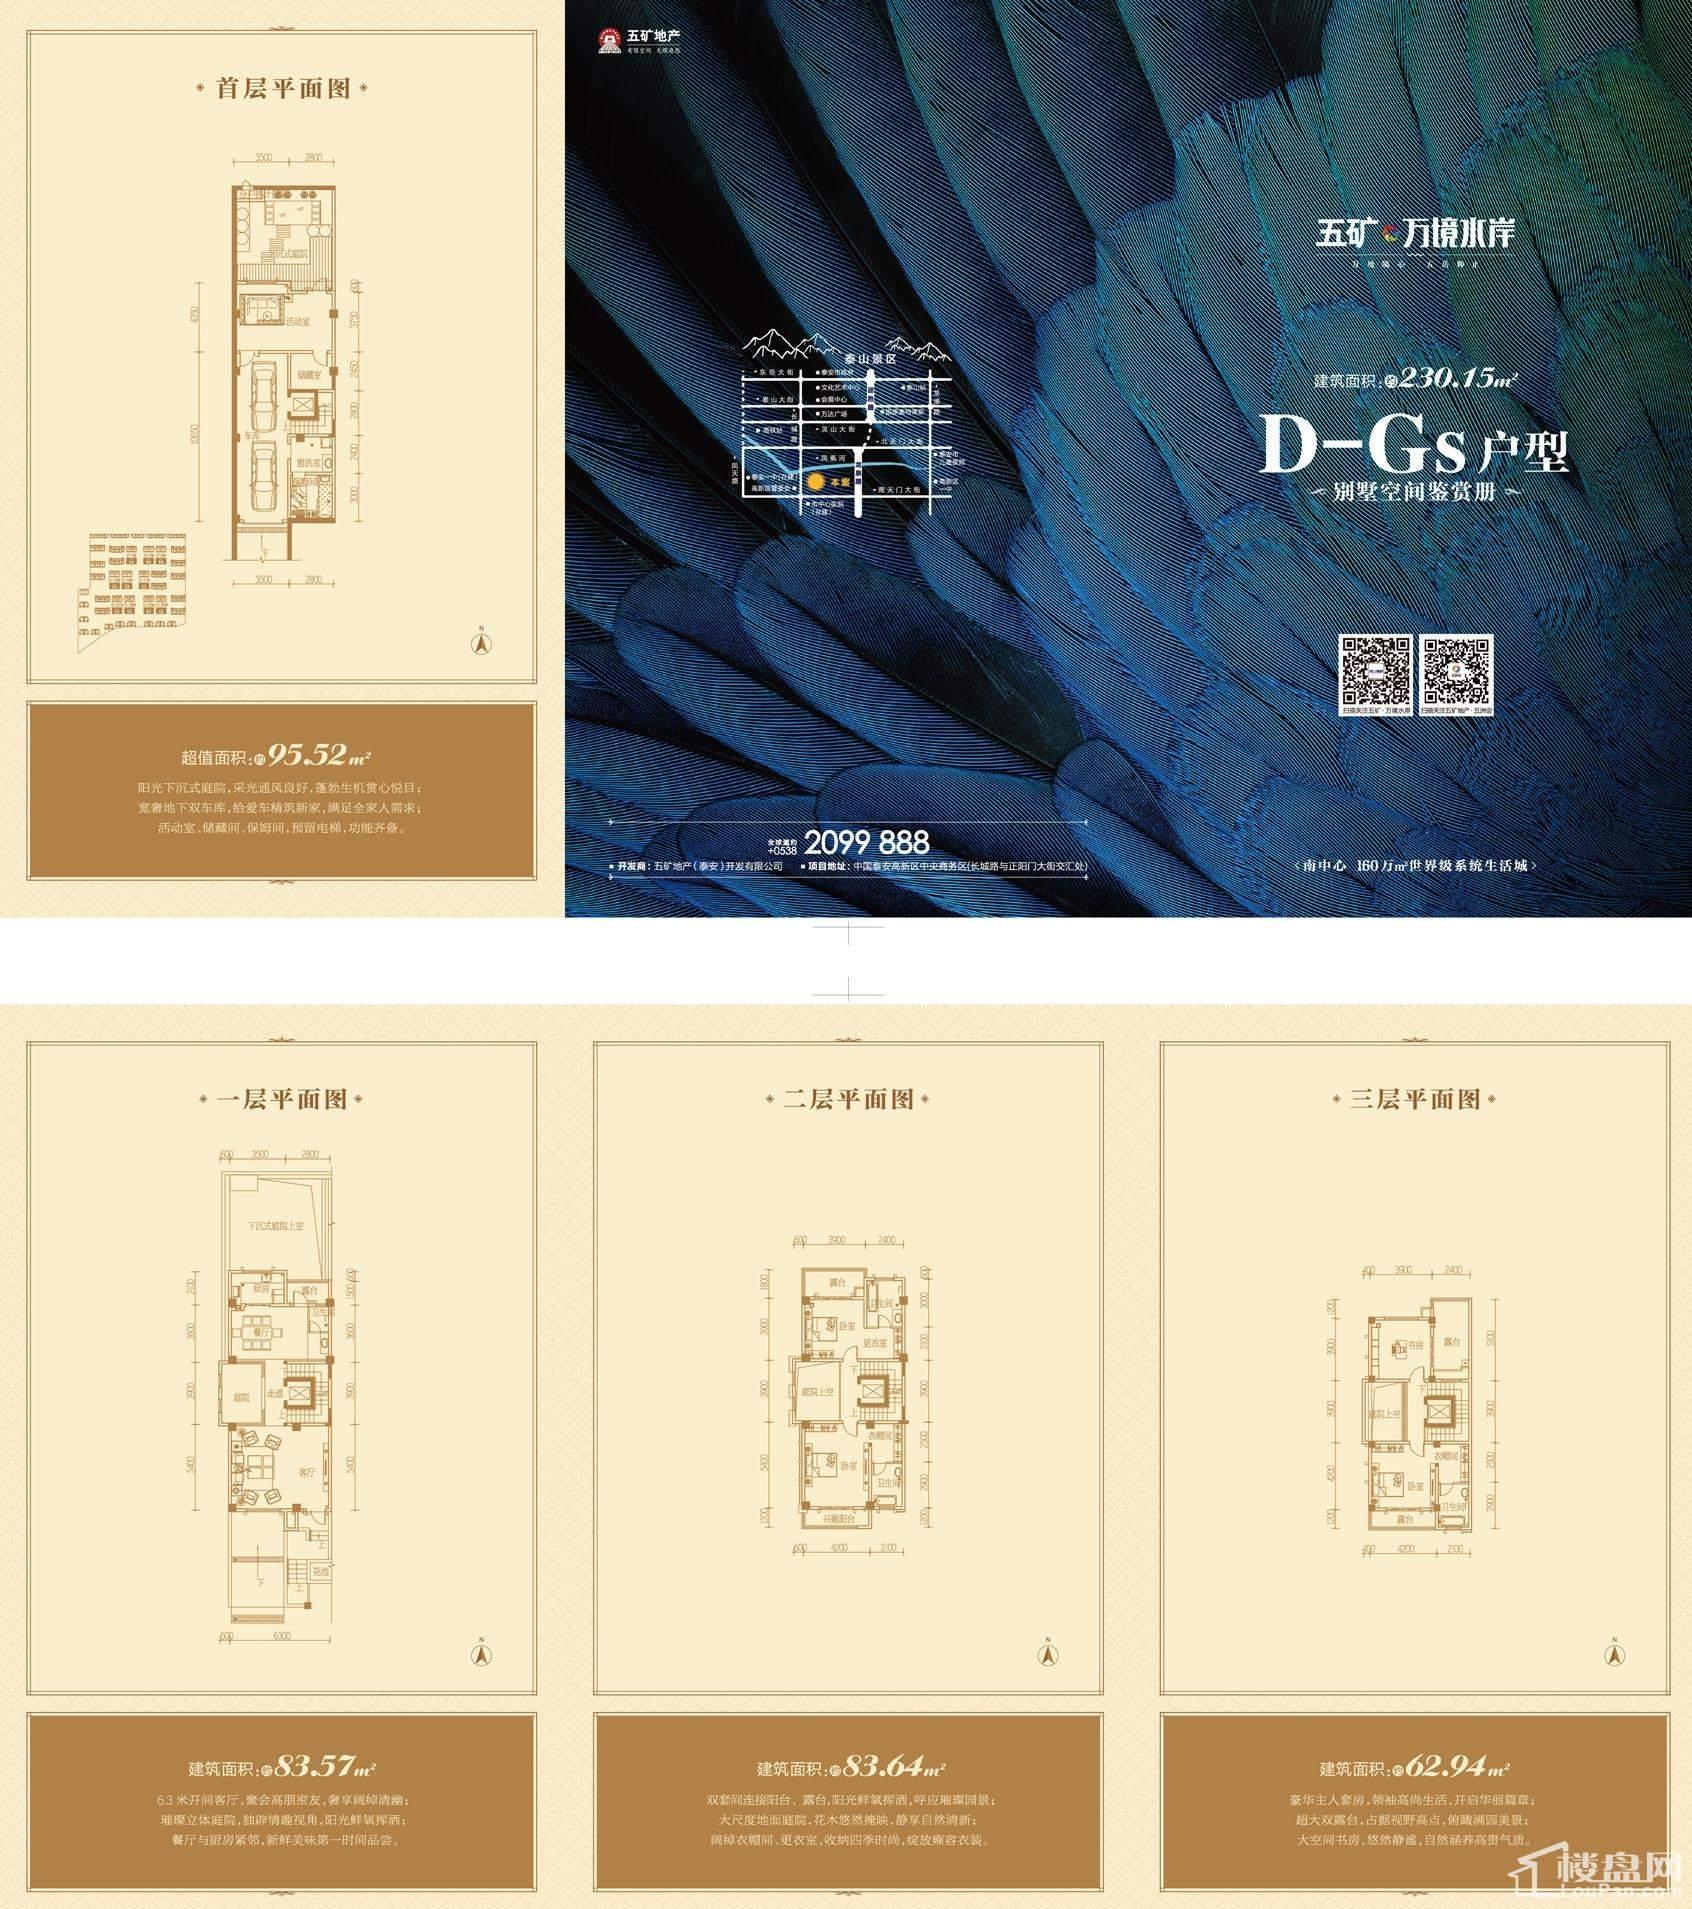 别墅户型D-Gs地上建筑面积230.15+赠送面积95.52